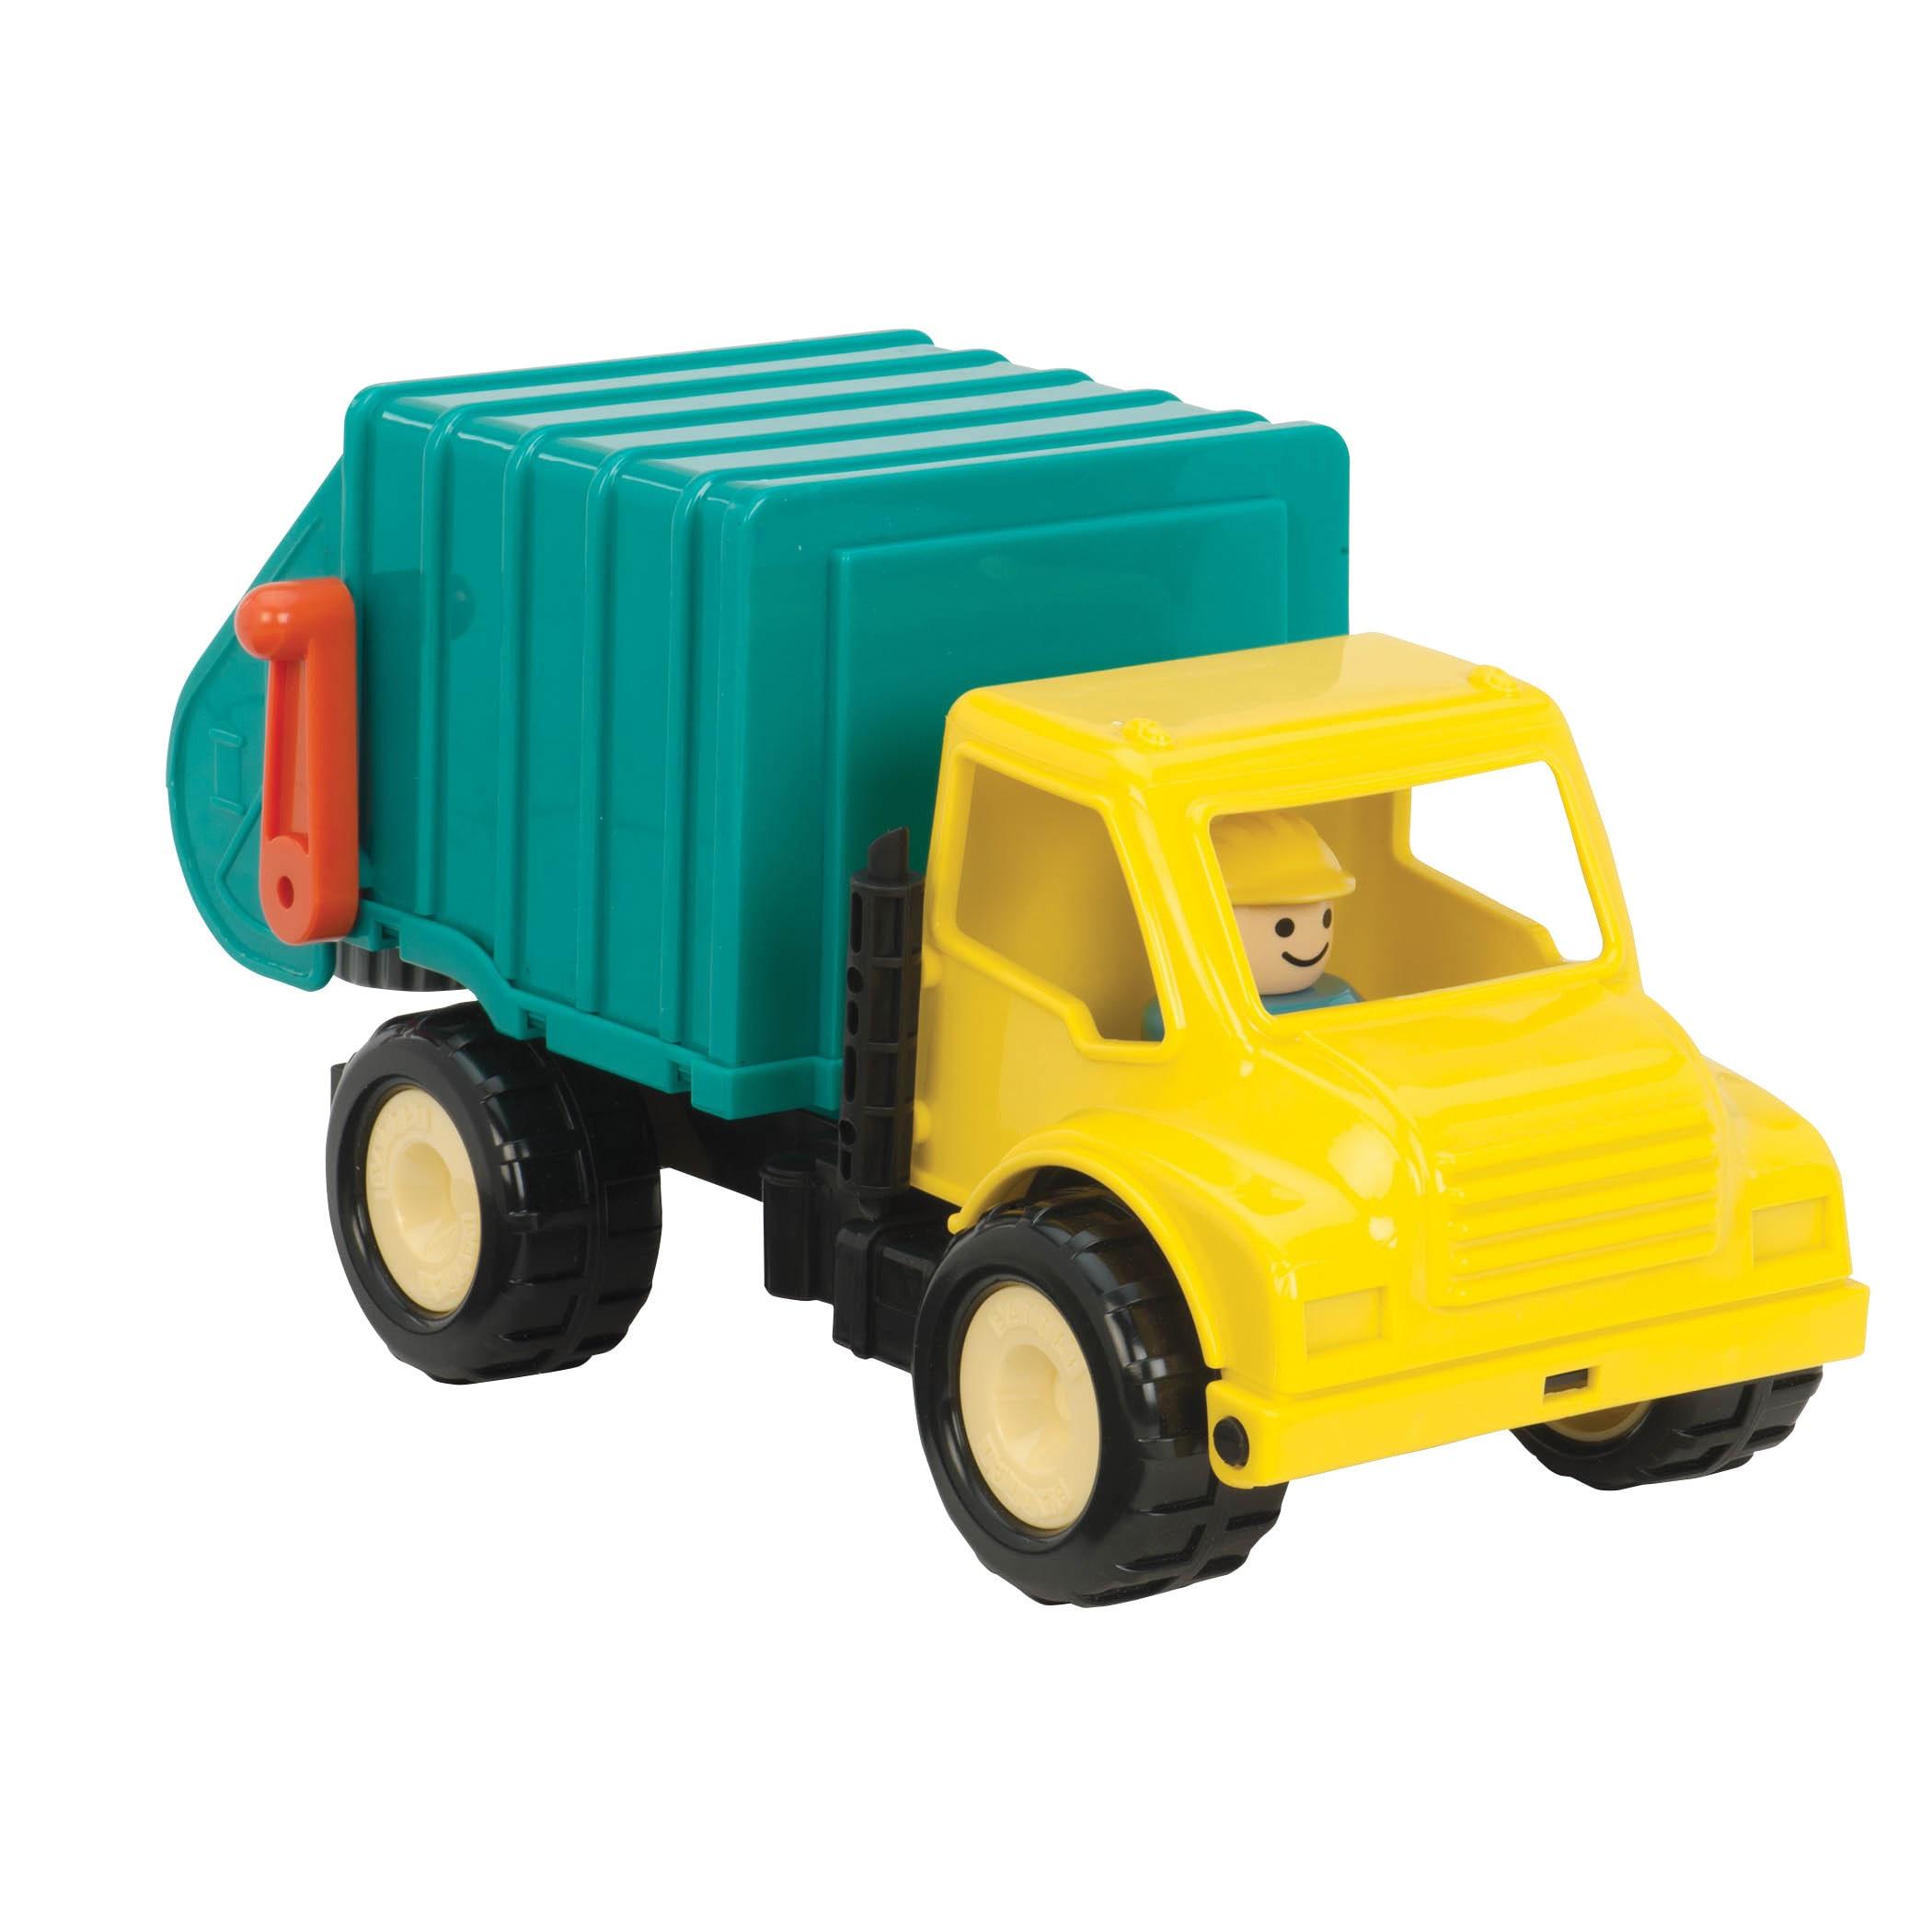 Toysmith Toy Garbage Truck (G062243267480), Multi